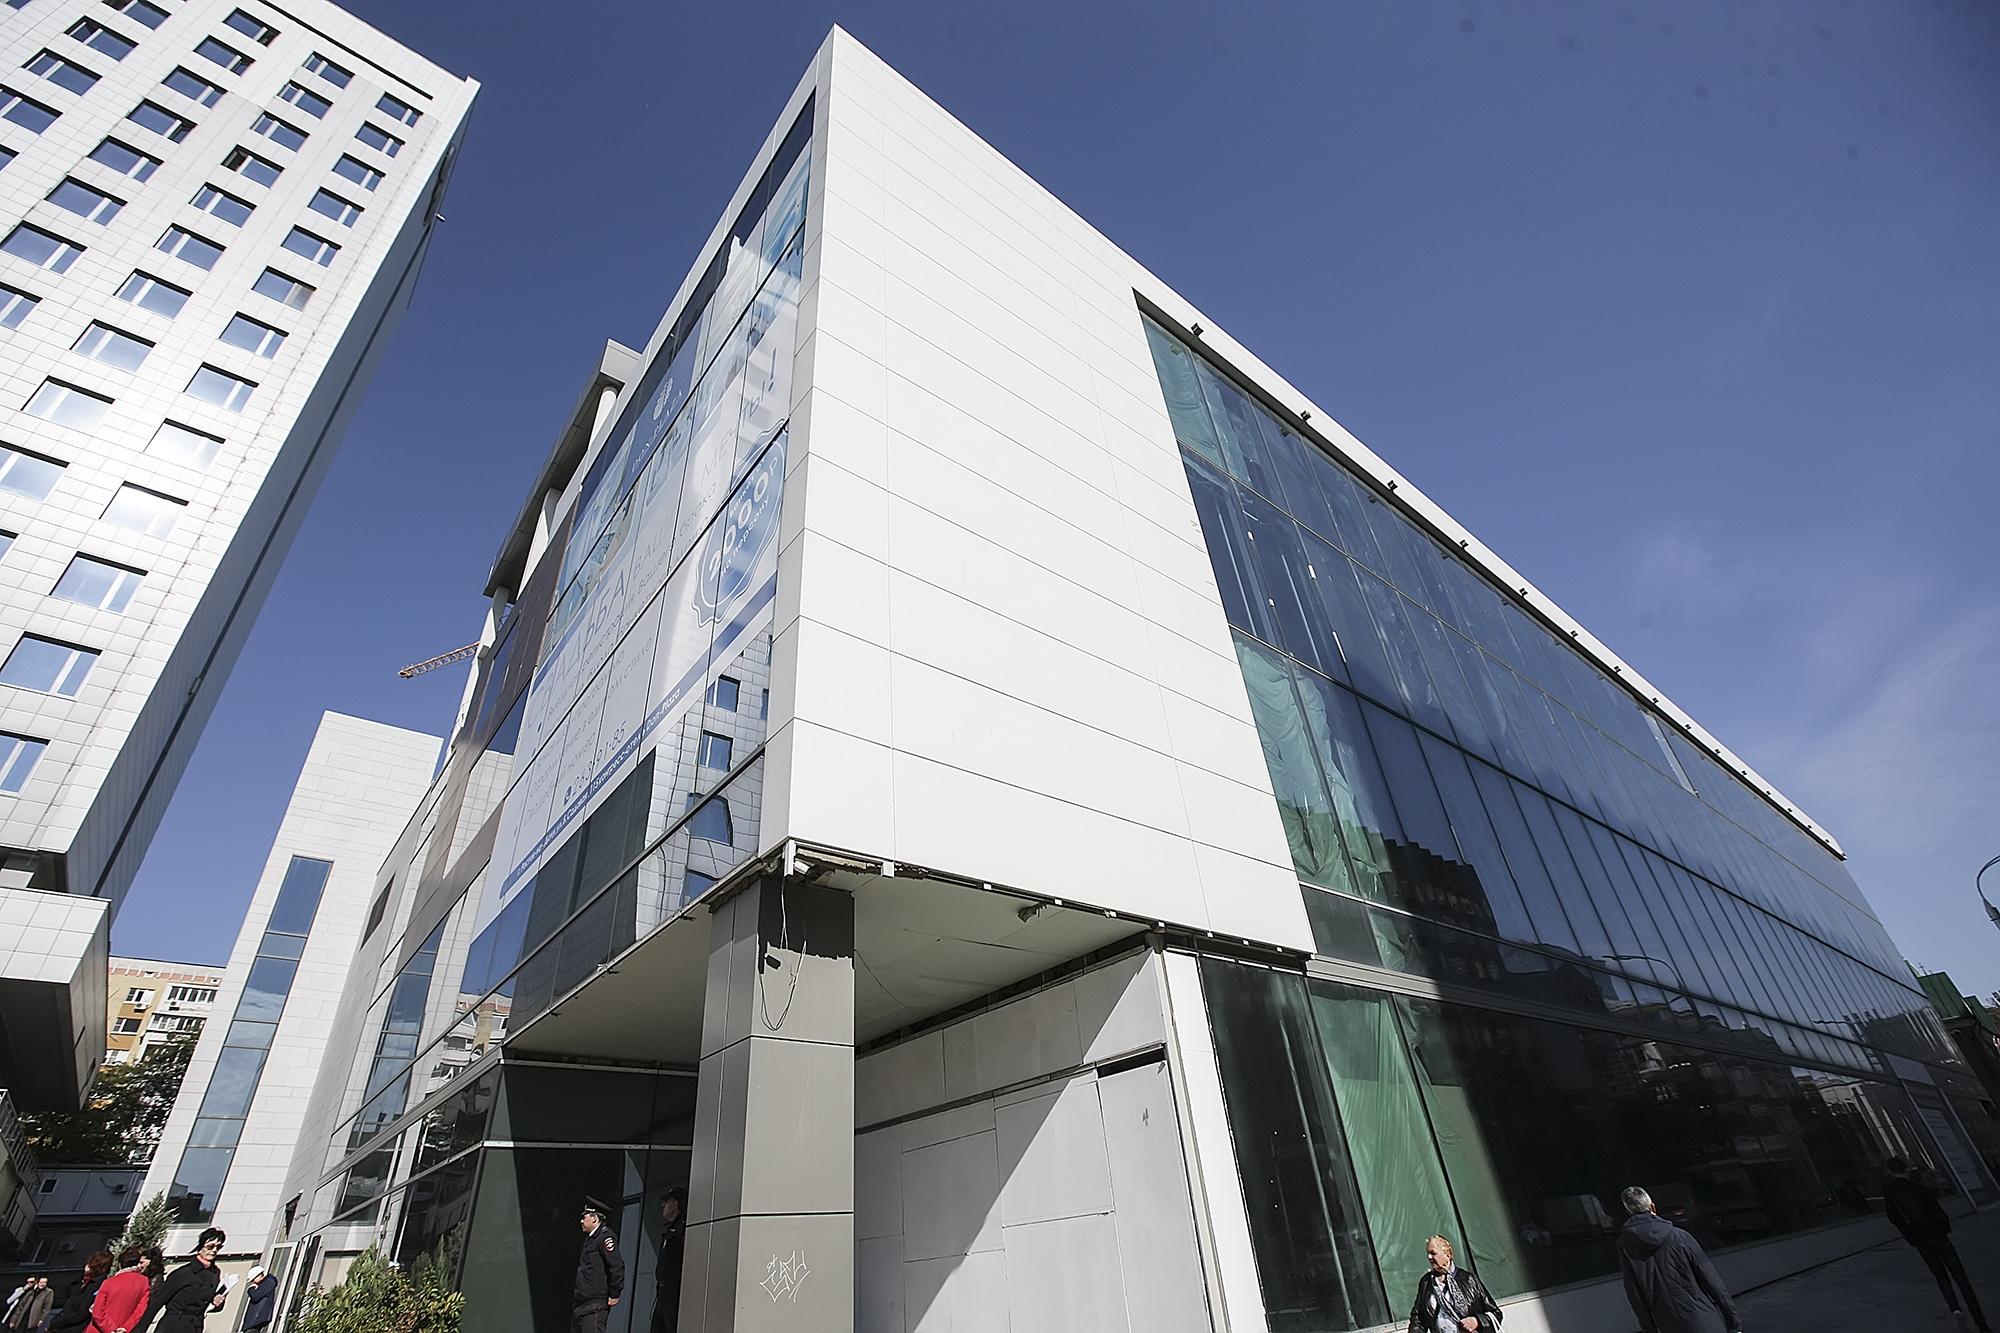 Настроительство гостиницы Hyatt вРостове-на-Дону потрятят еще 1 млрд руб.